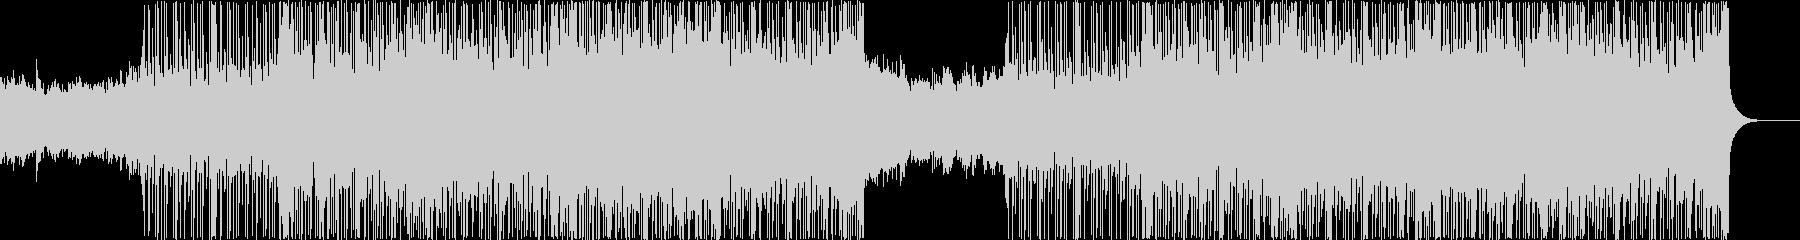 スラップベースが特徴的なフュージョンの未再生の波形